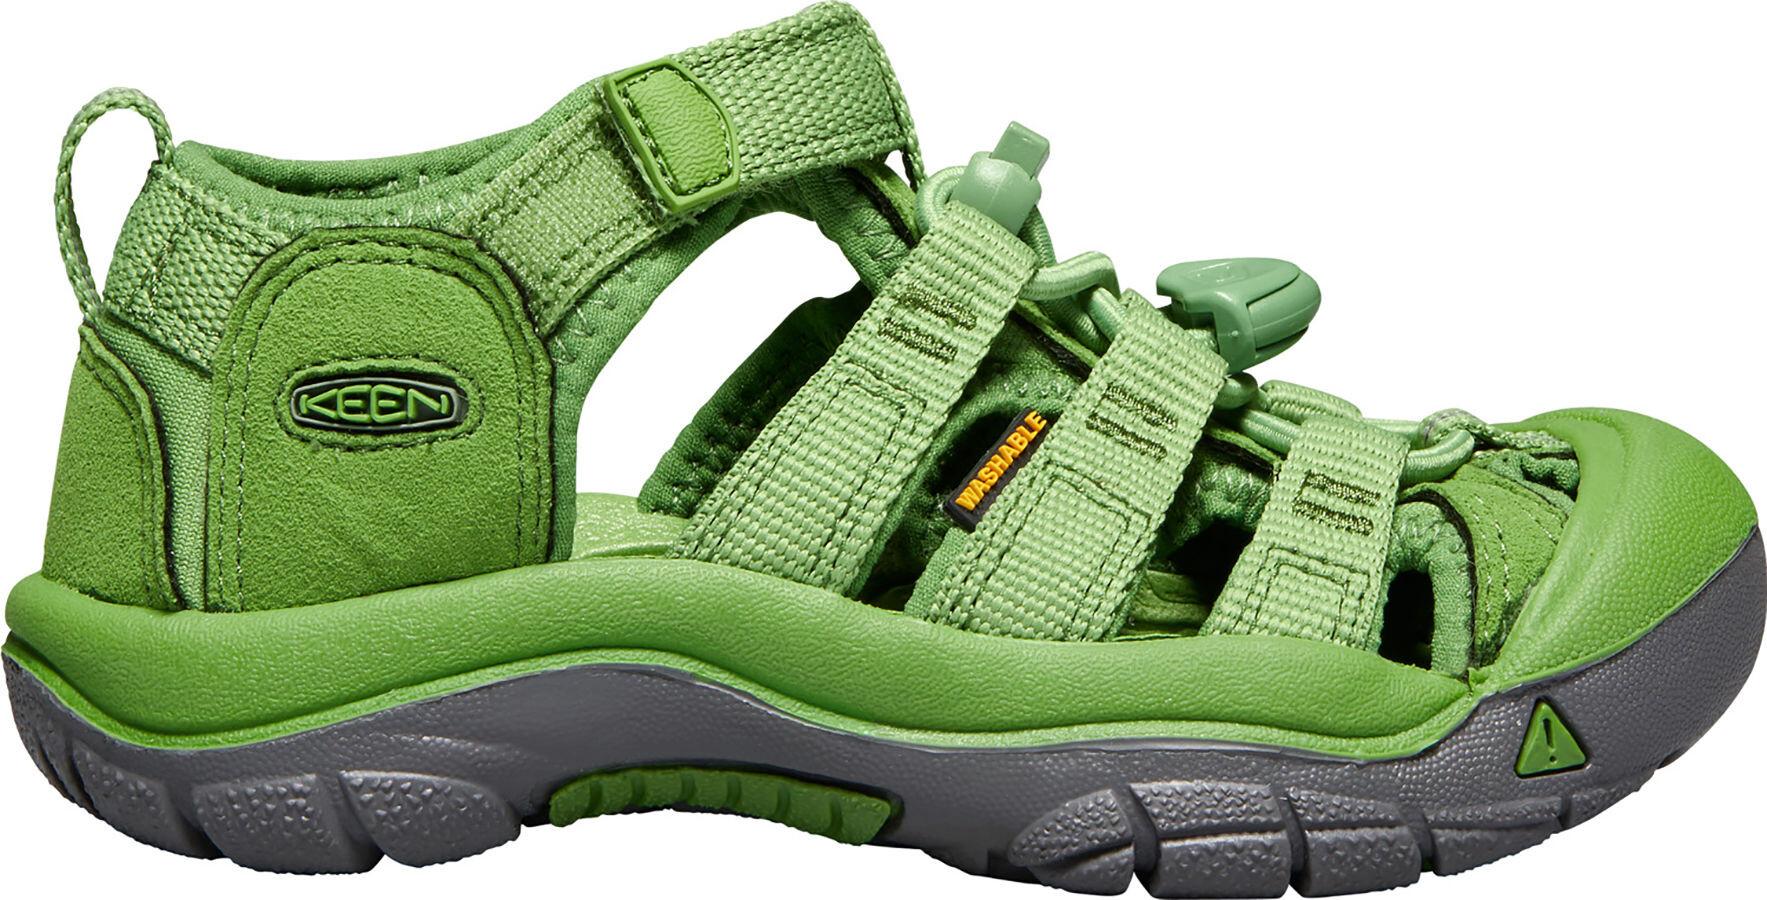 dcd5d08cda7 Keen Newport H2 Sandals Children green at Addnature.co.uk